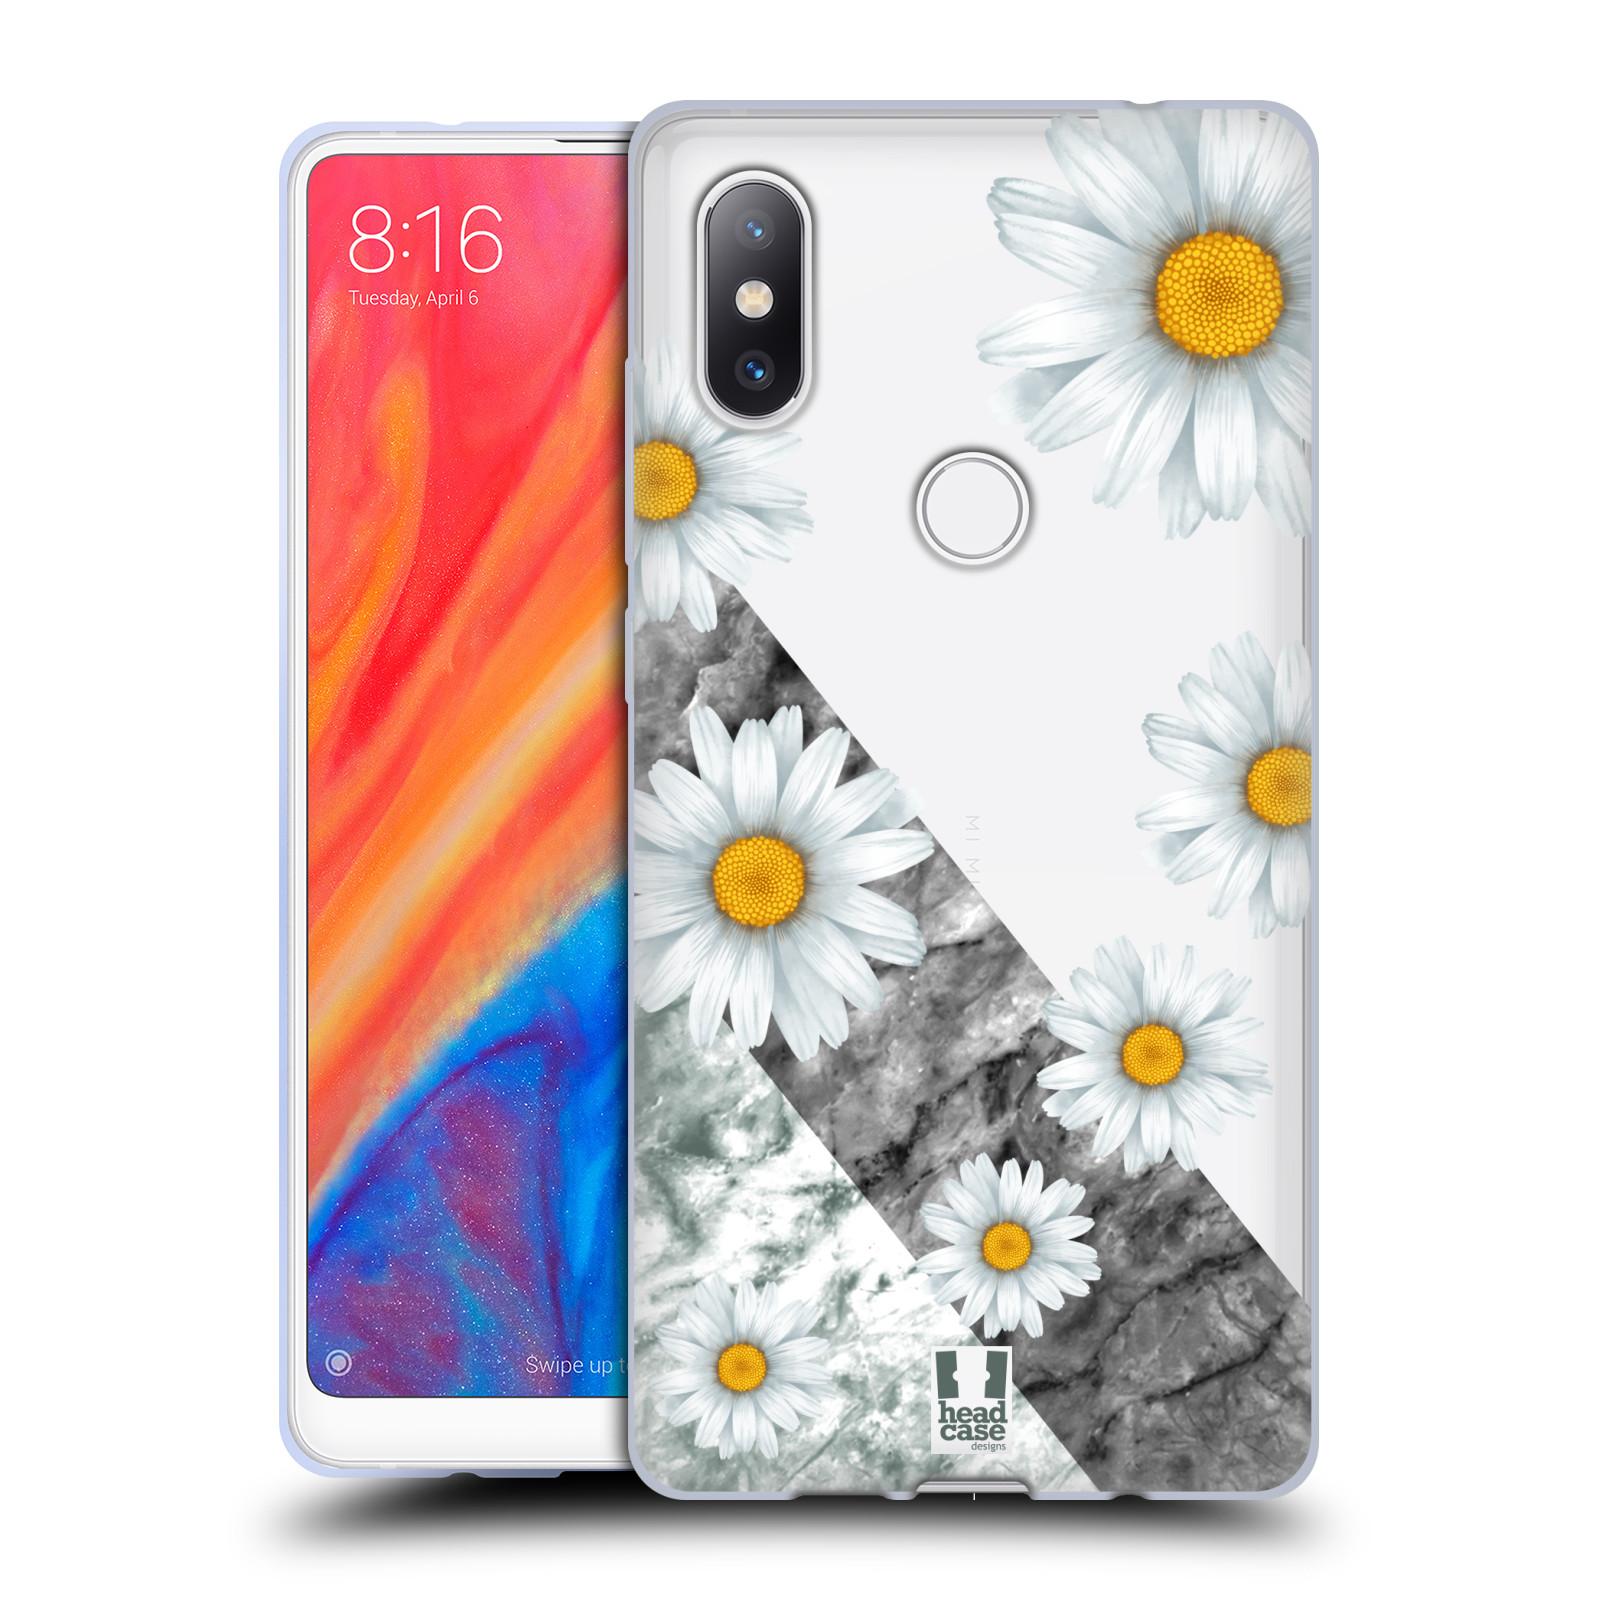 Silikonové pouzdro na mobil Xiaomi Mi Mix 2S - Head Case - Kopretiny a mramor